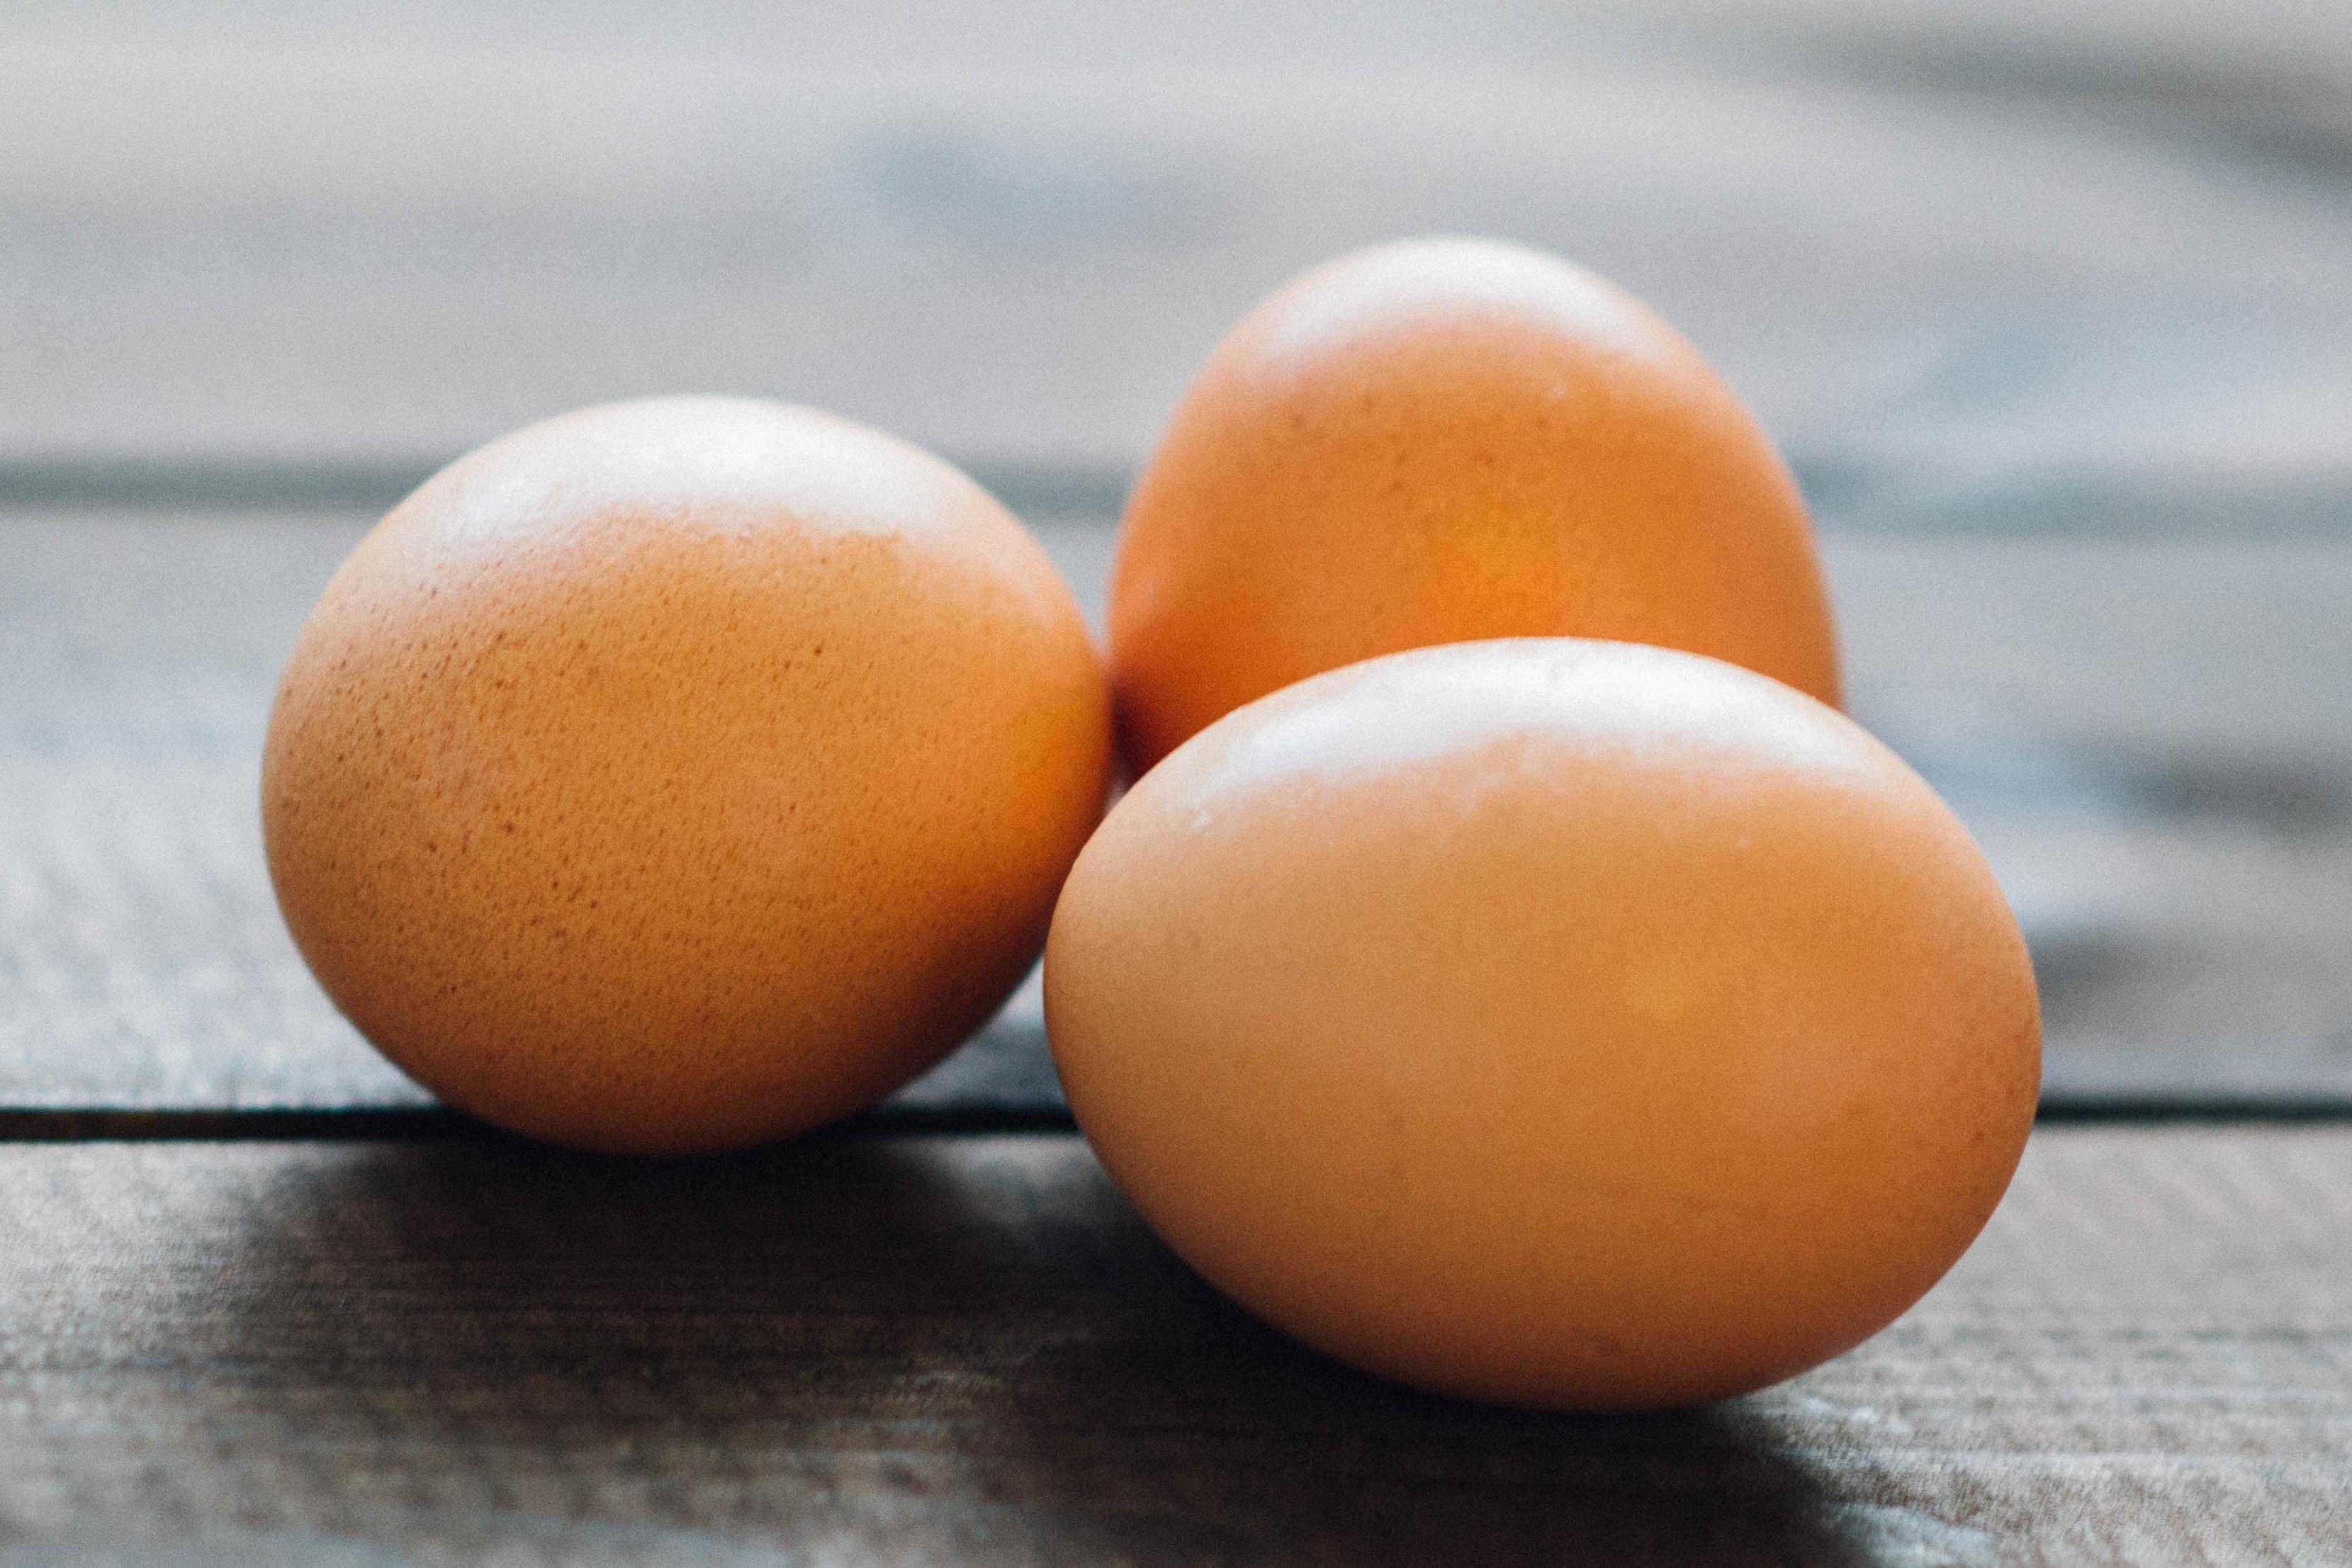 Obchodní řetězce v Česku pomalu stahují nabídku klecových vajec